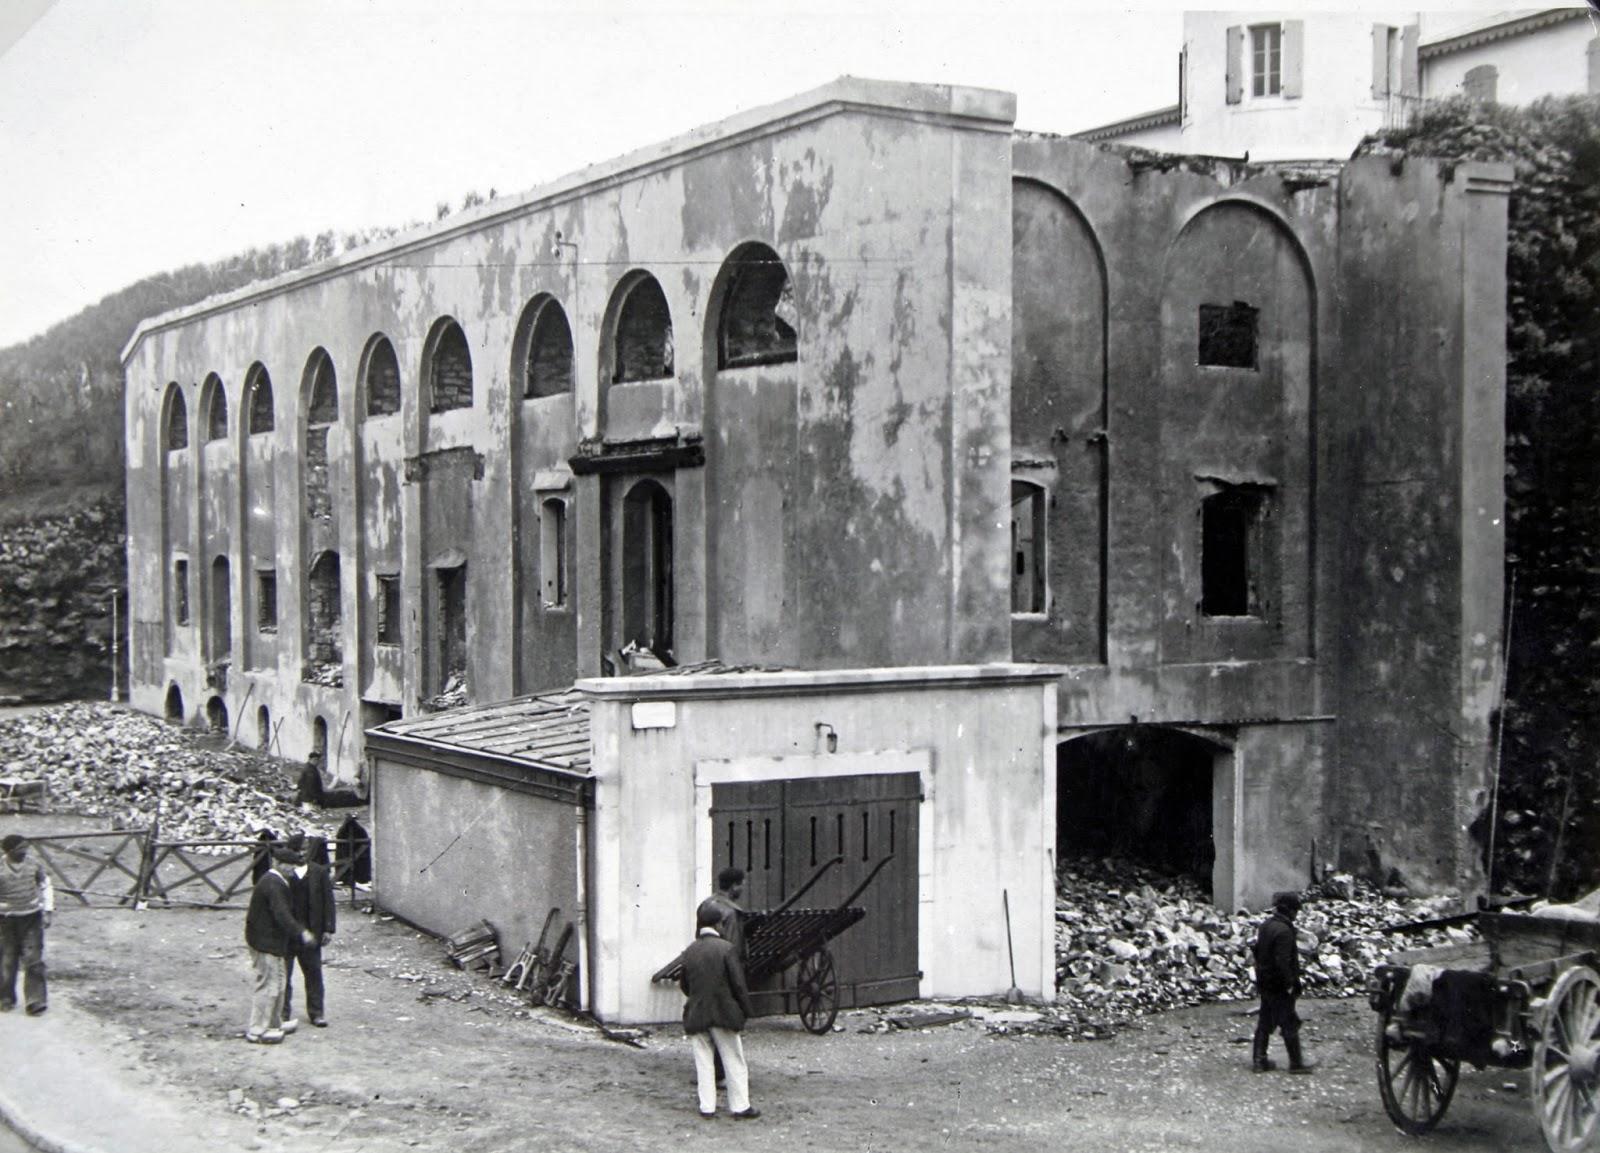 Connu Pays Basque 1900: Le Musée de la Mer de Biarritz KA47